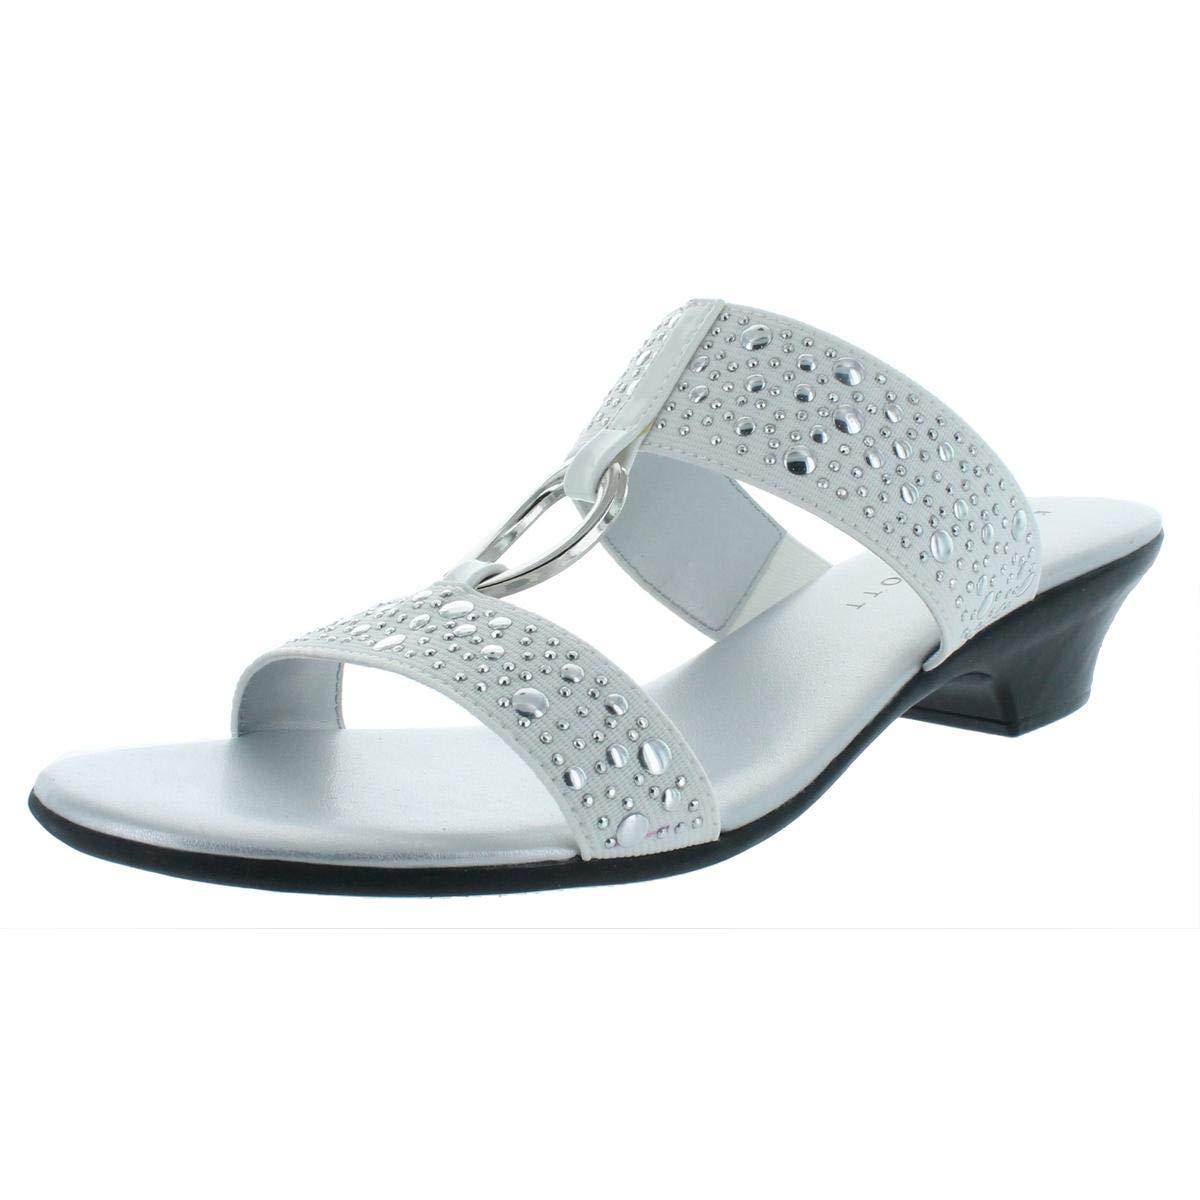 d5bbe55080203 Karen Scott Womens Eanna Fabric Open Toe Casual Slide Sandals